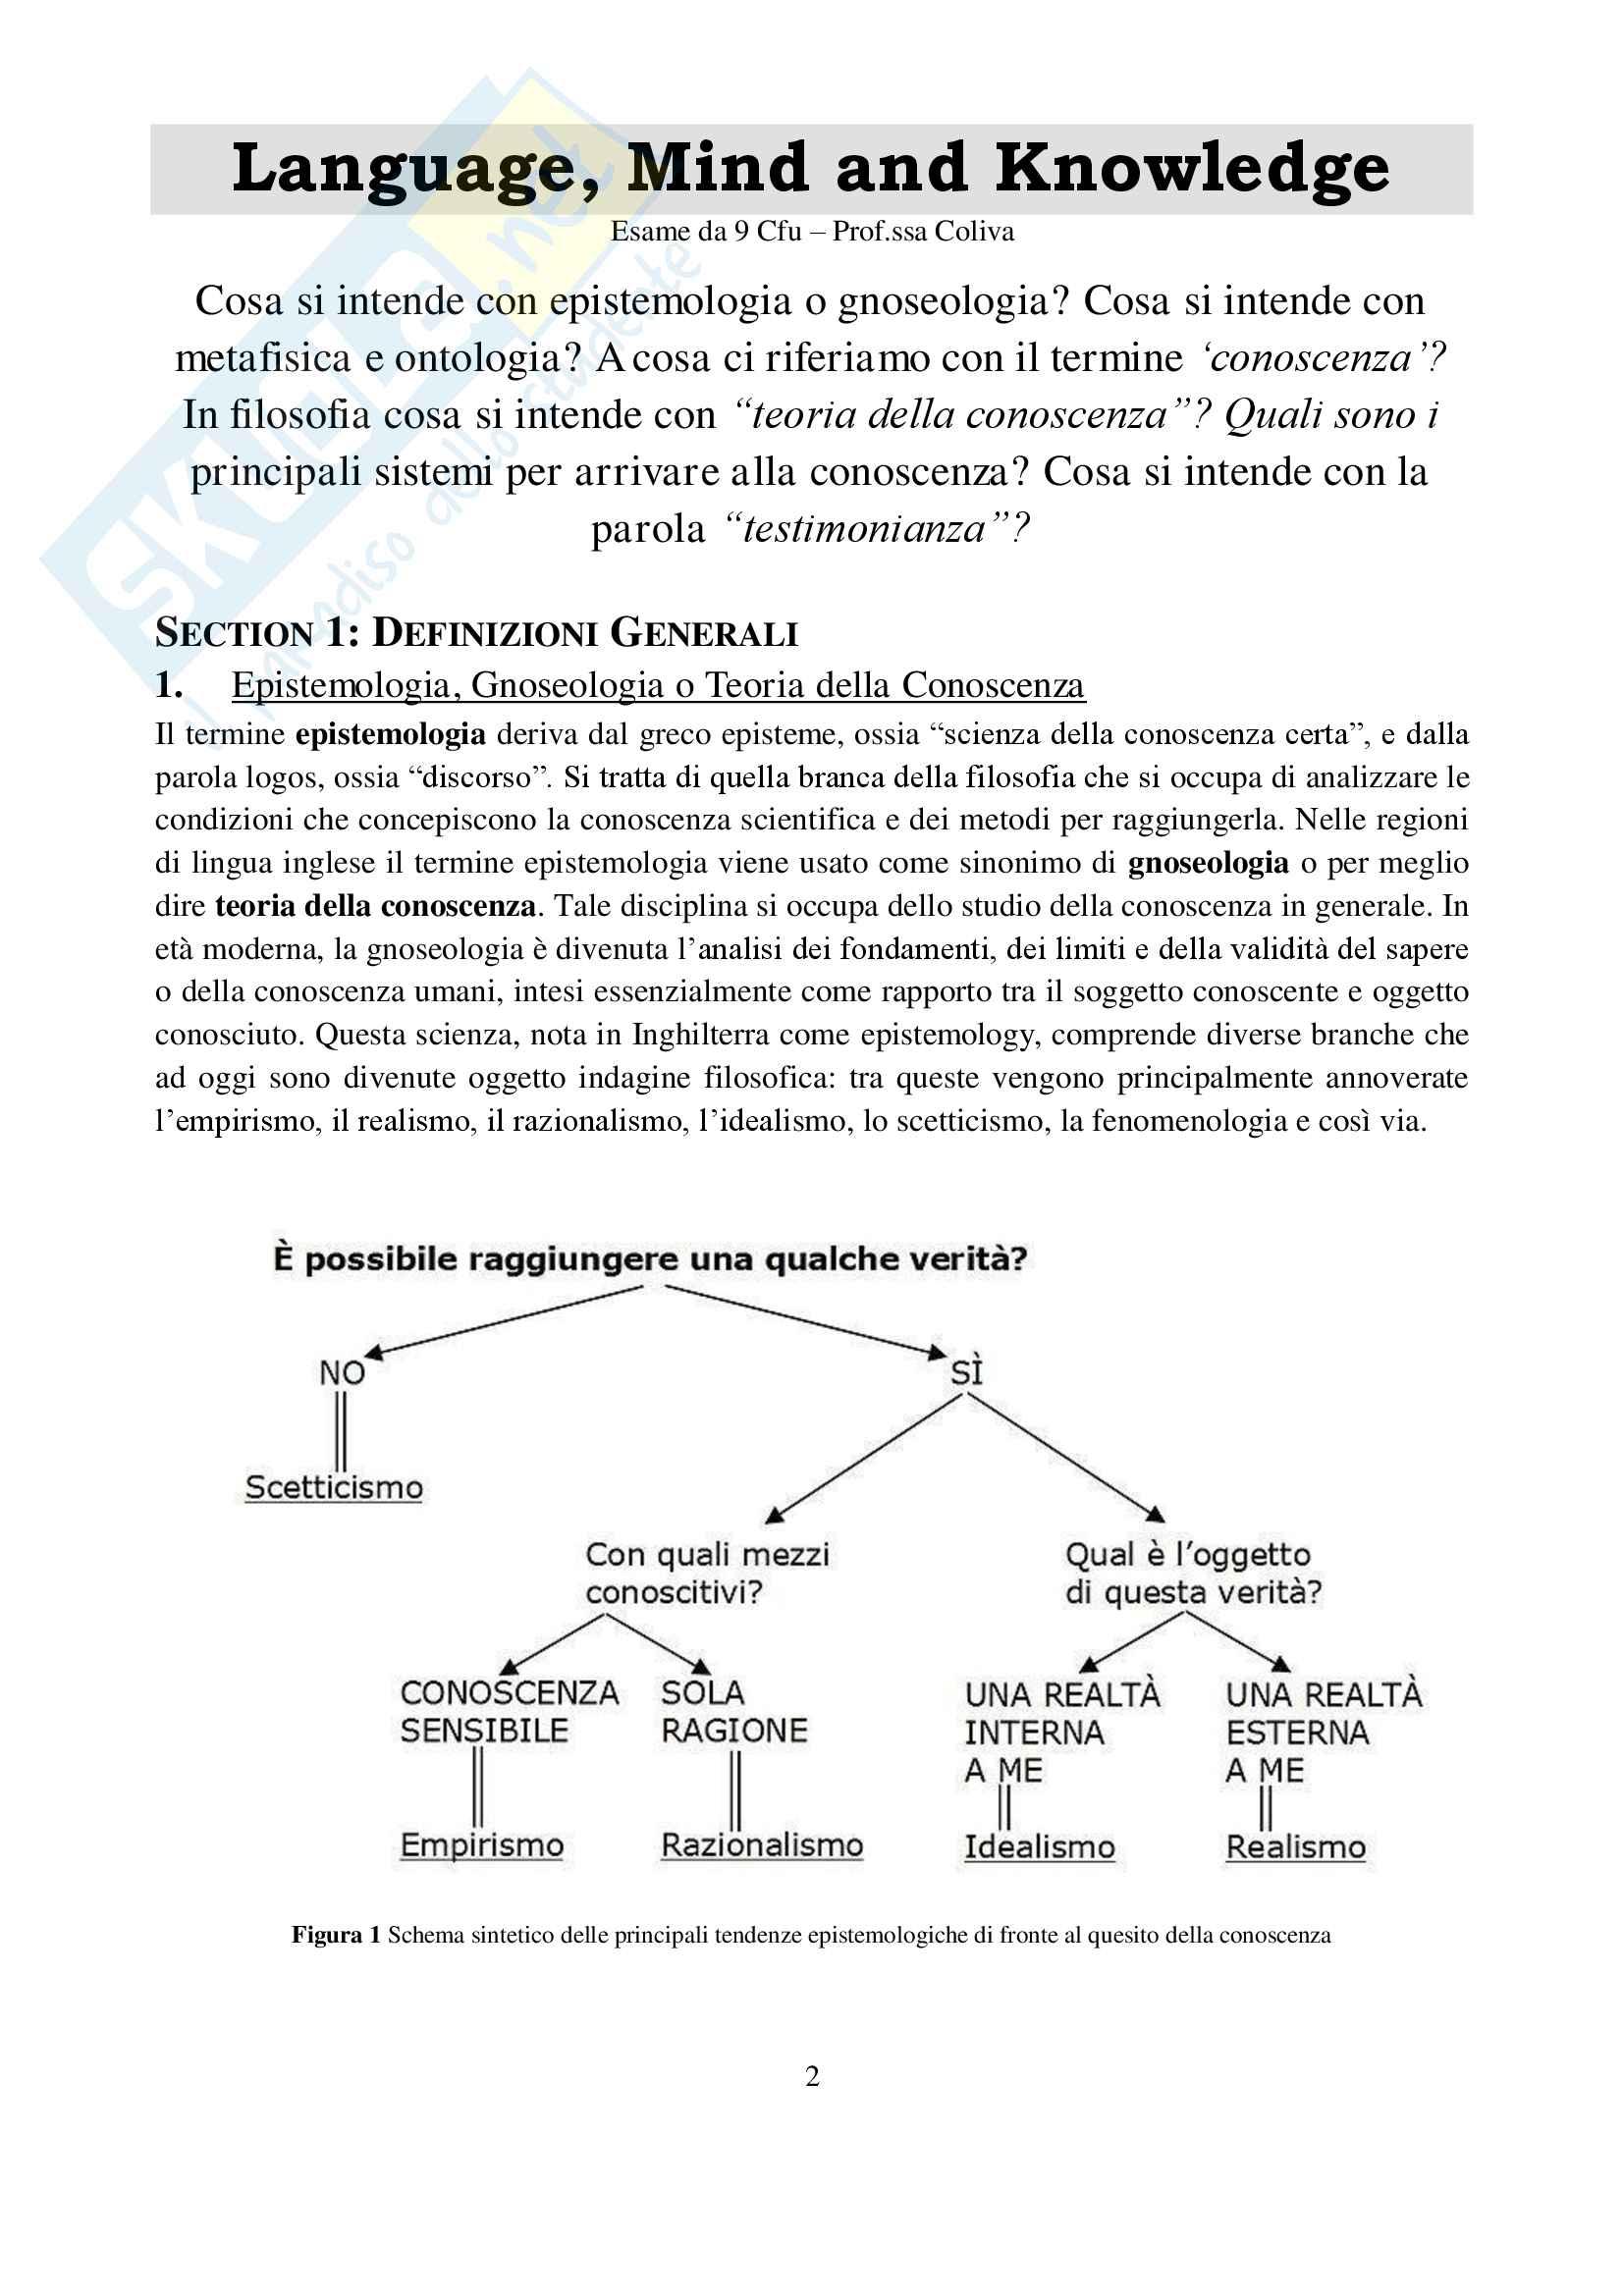 Hume/Reid - Testimonianza come Fonte di Conoscenza